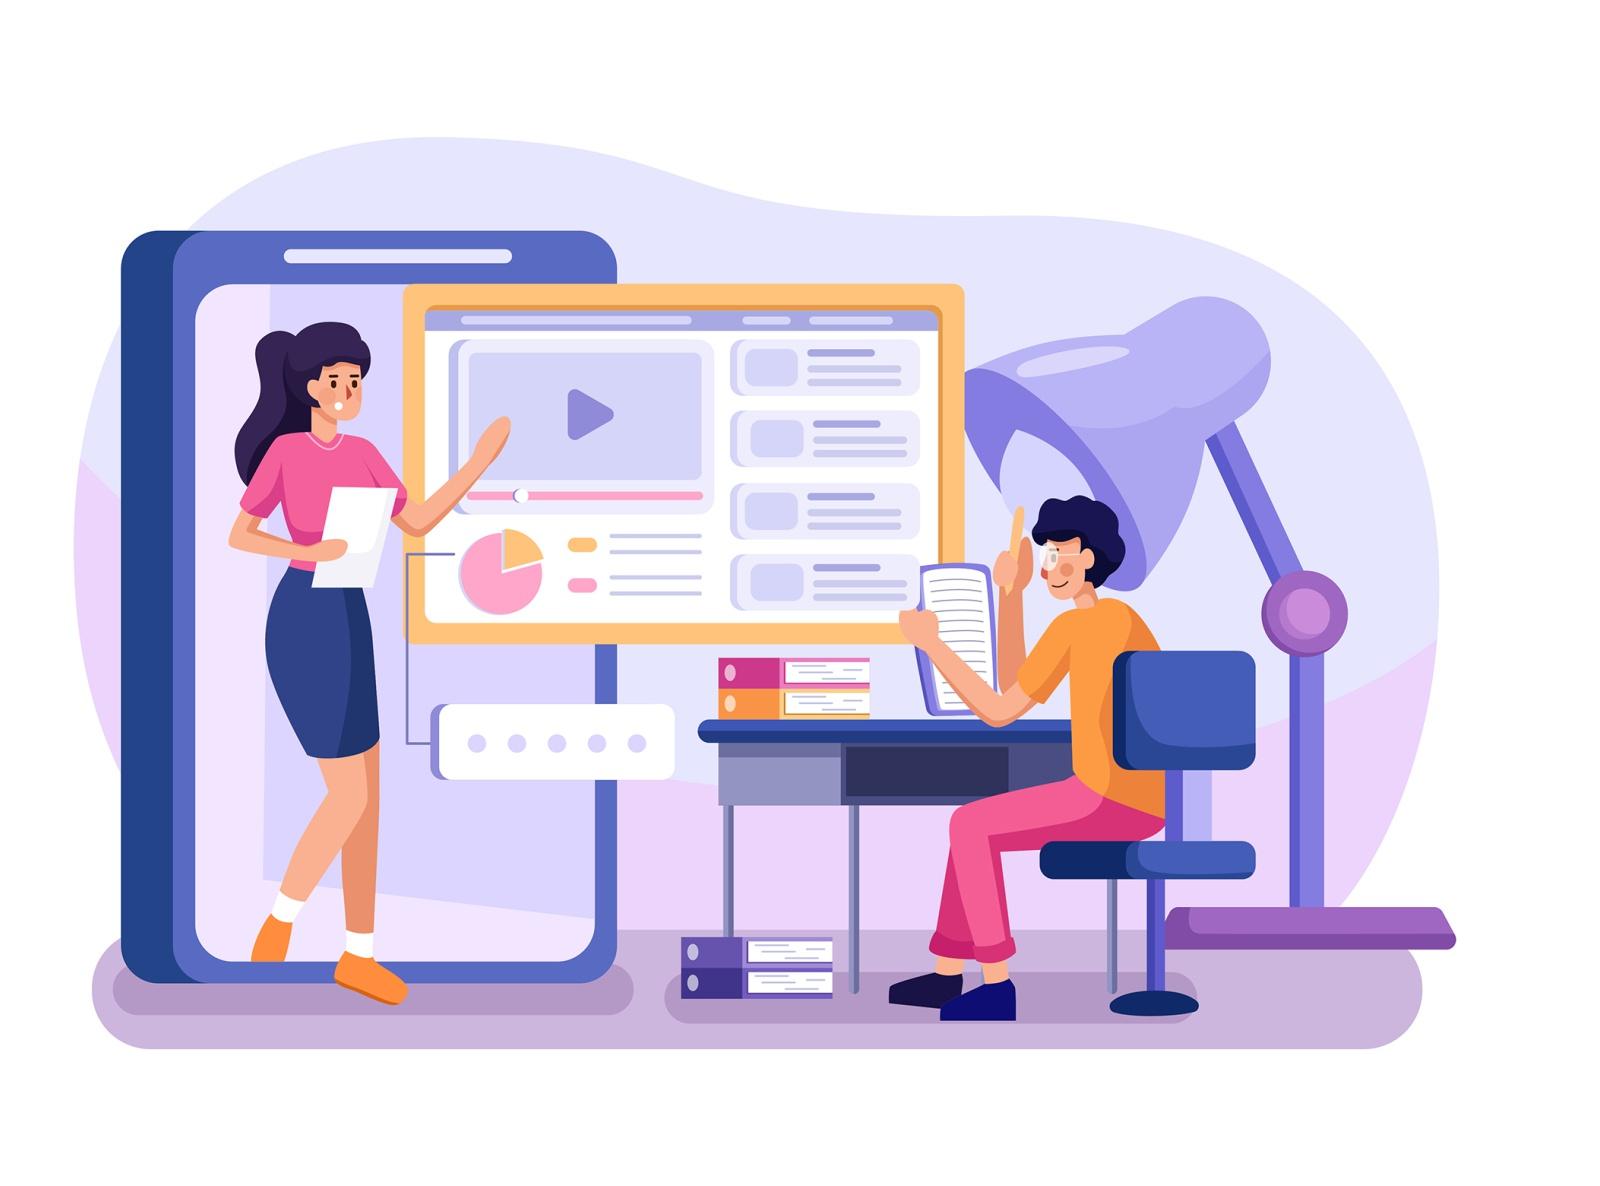 الفتاب - صفحه اصلی   مرجع تخصصی تولید محتوای آموزشی